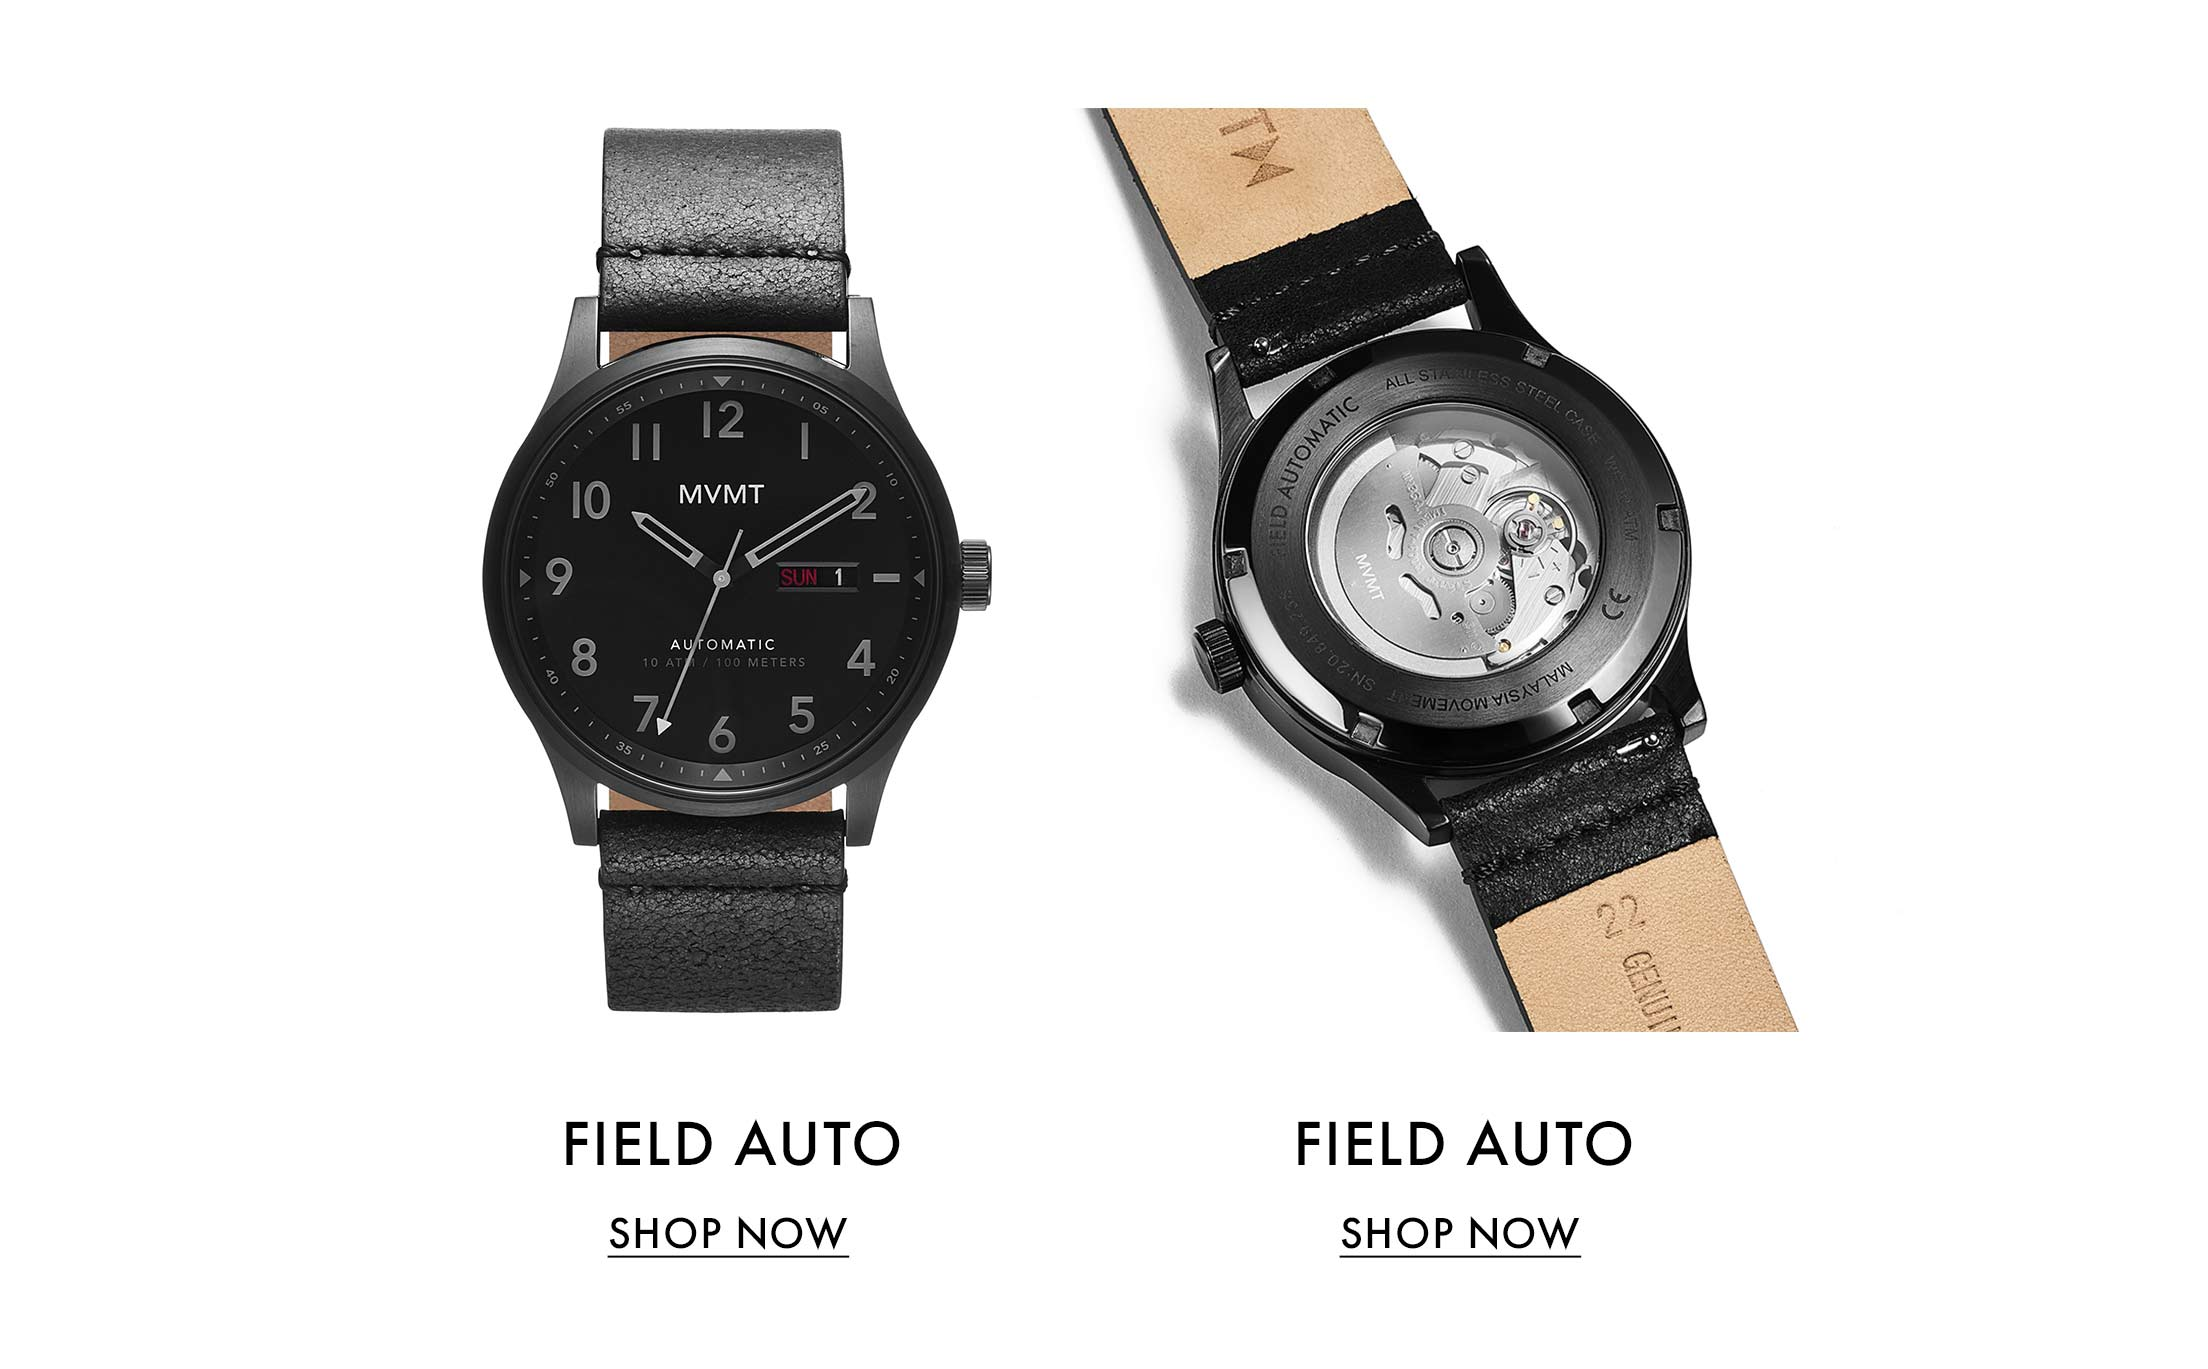 Field Auto: Shop Now